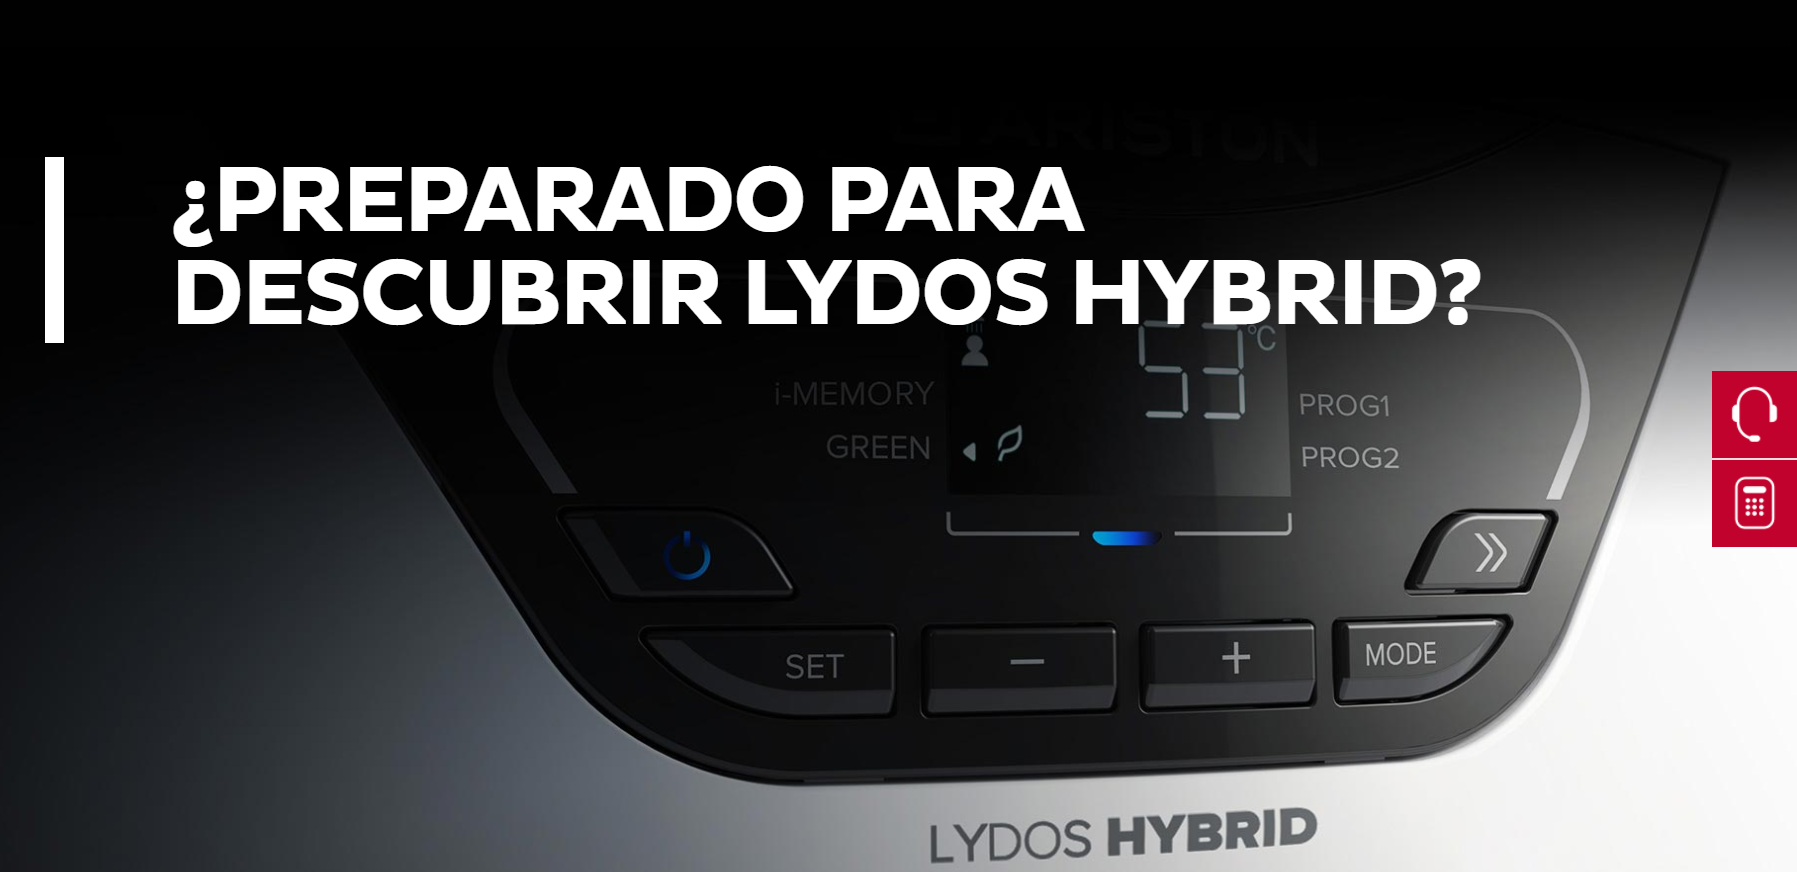 PRESENTACIÓN DEL NUEVO TERMO ELÉCTRICO HÍBRIDO ARISTON LYDOS